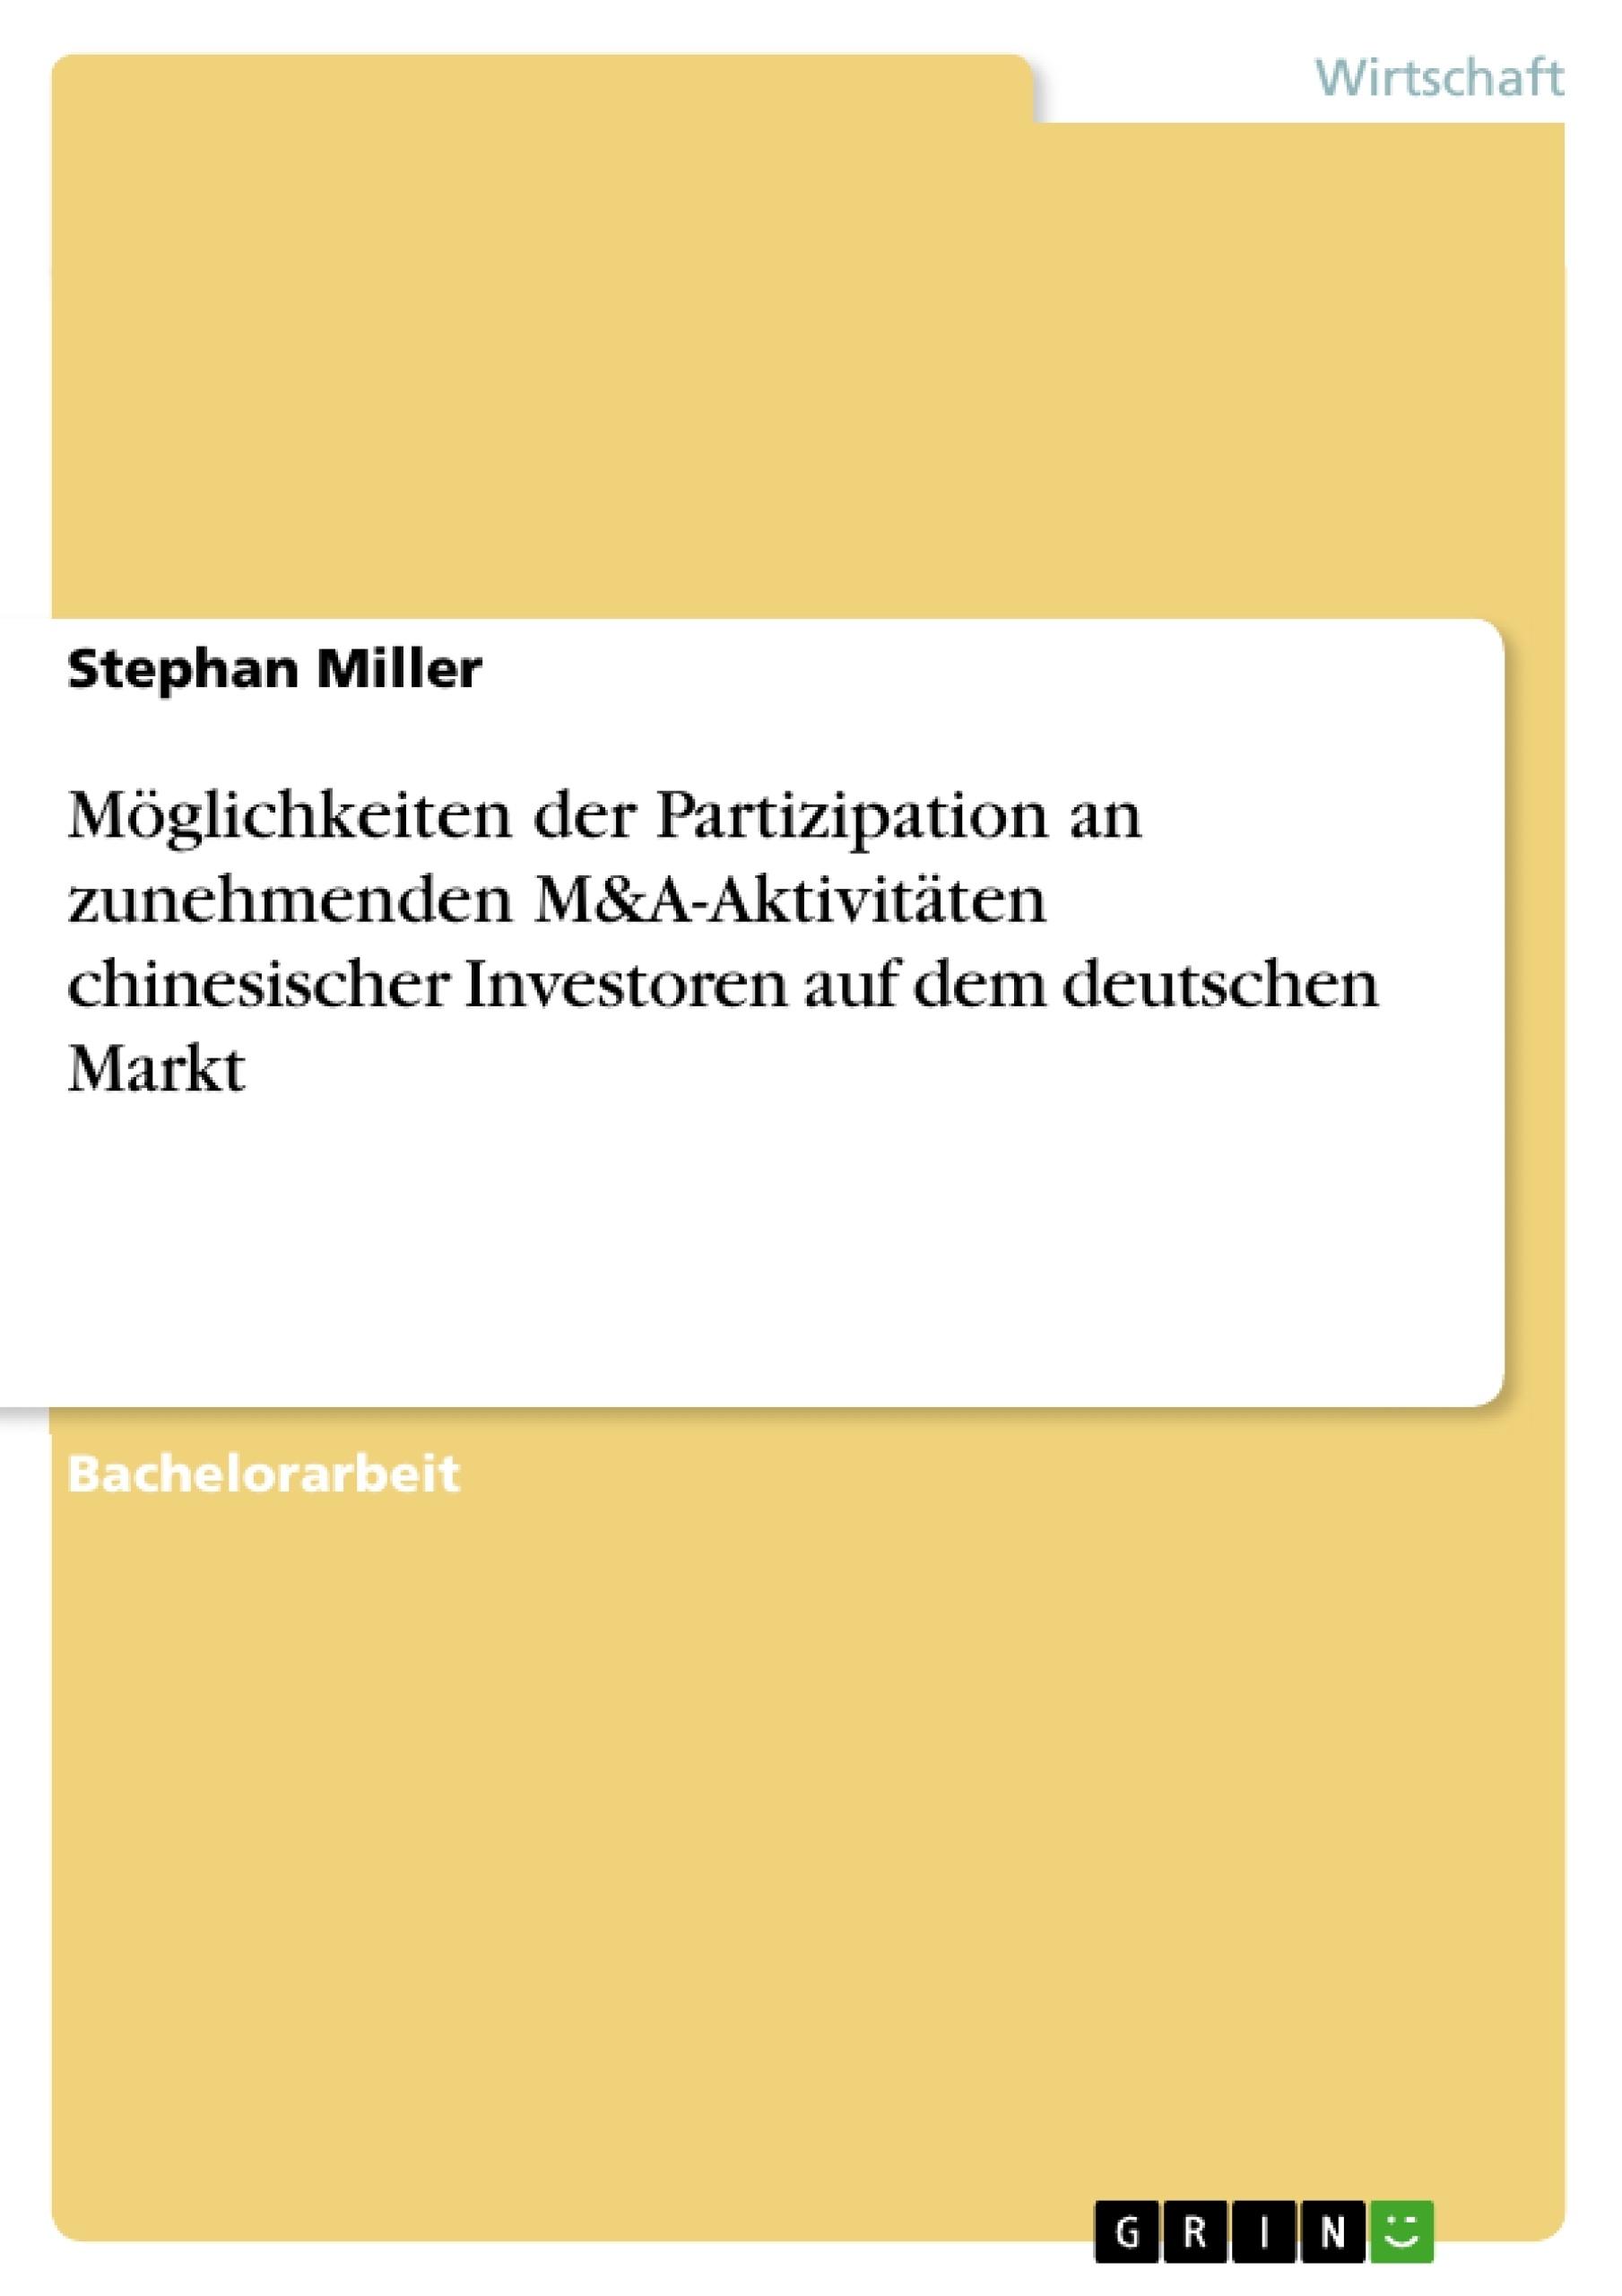 Titel: Möglichkeiten der Partizipation an zunehmenden M&A-Aktivitäten chinesischer Investoren auf dem deutschen Markt